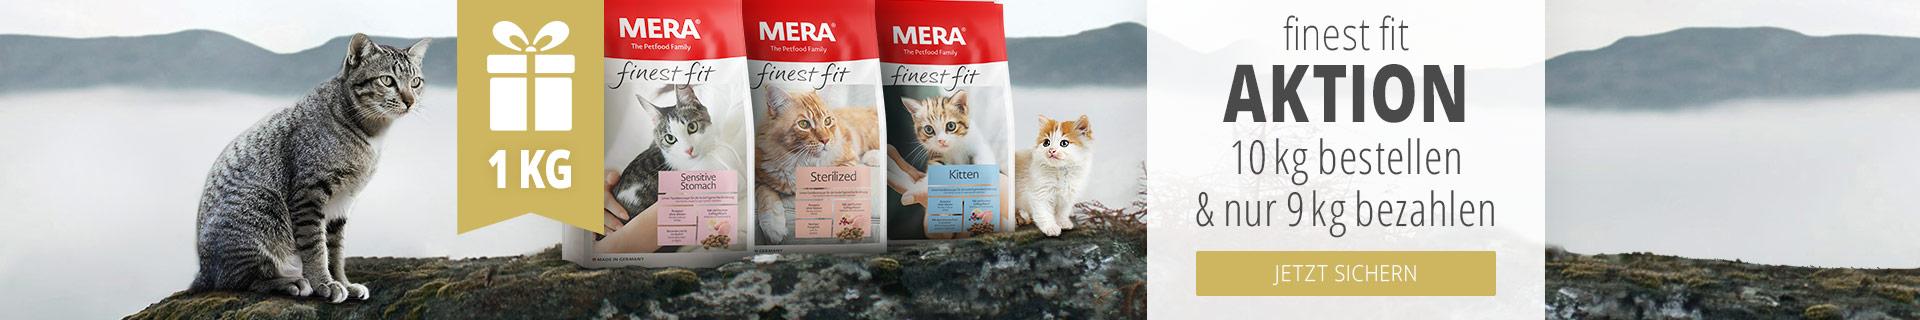 Mera Trockenfutter Aktion für Katzen - 10kg zum Preis von 9kg